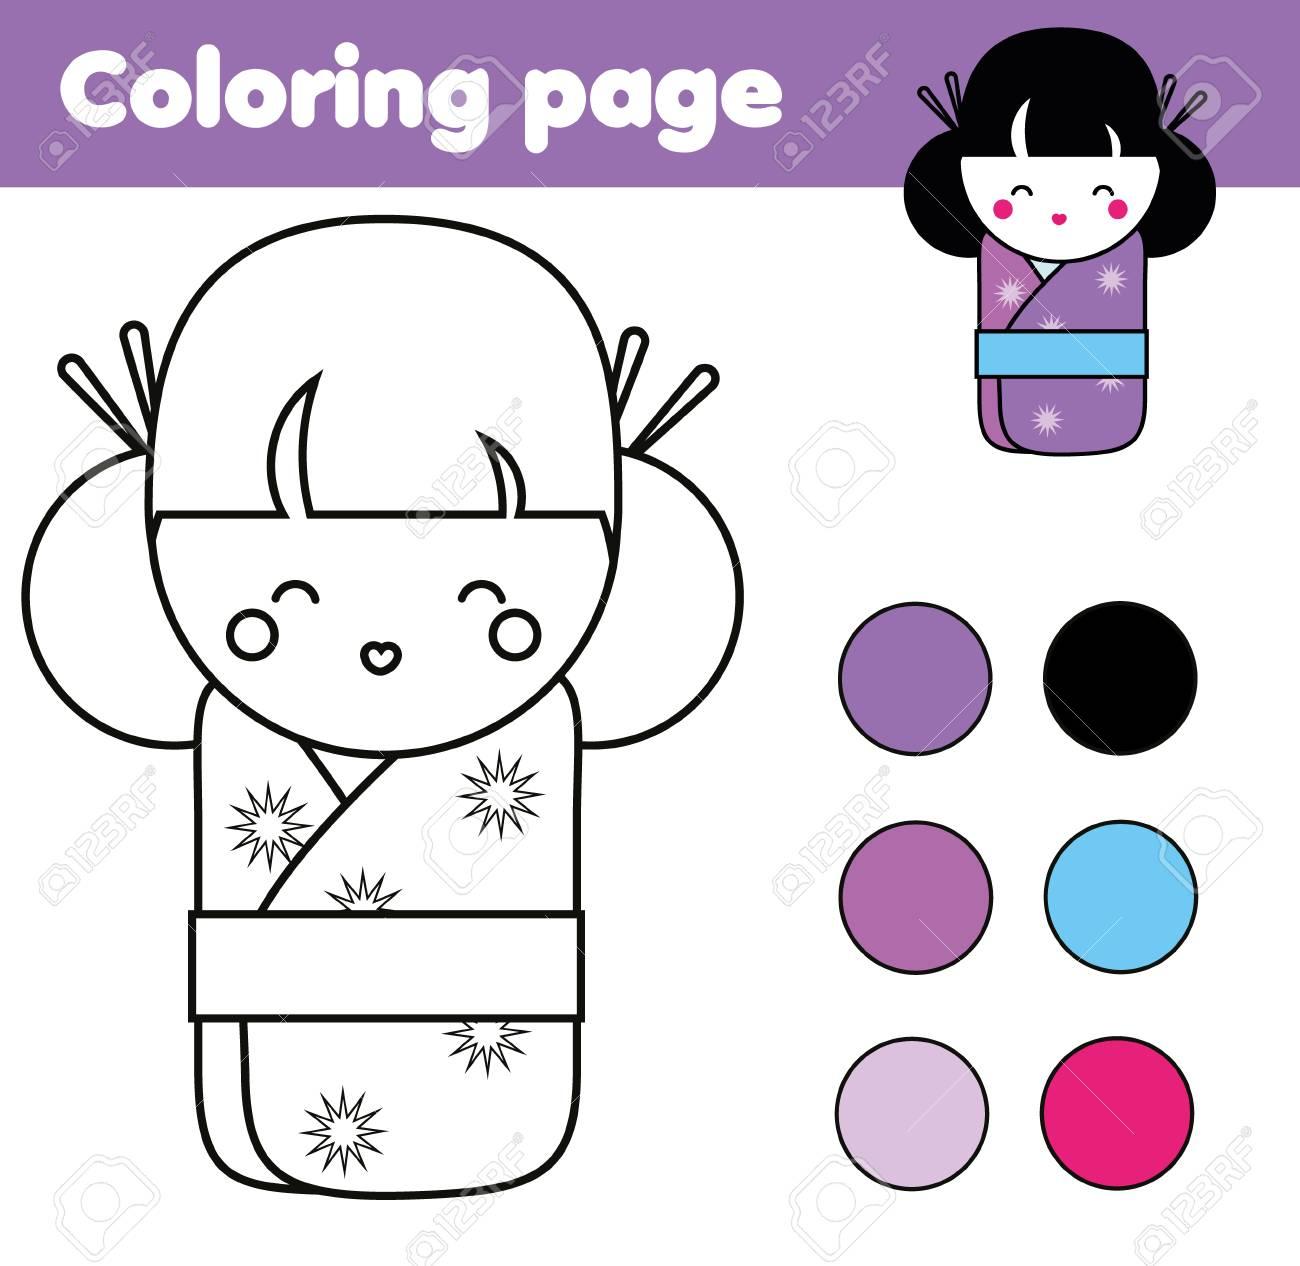 Dibujo Para Colorear Con La Muñeca Japonesa Linda Kokeshi Juegos Educativos Para Niños Actividades De Dibujo Hoja De Trabajo Imprimible